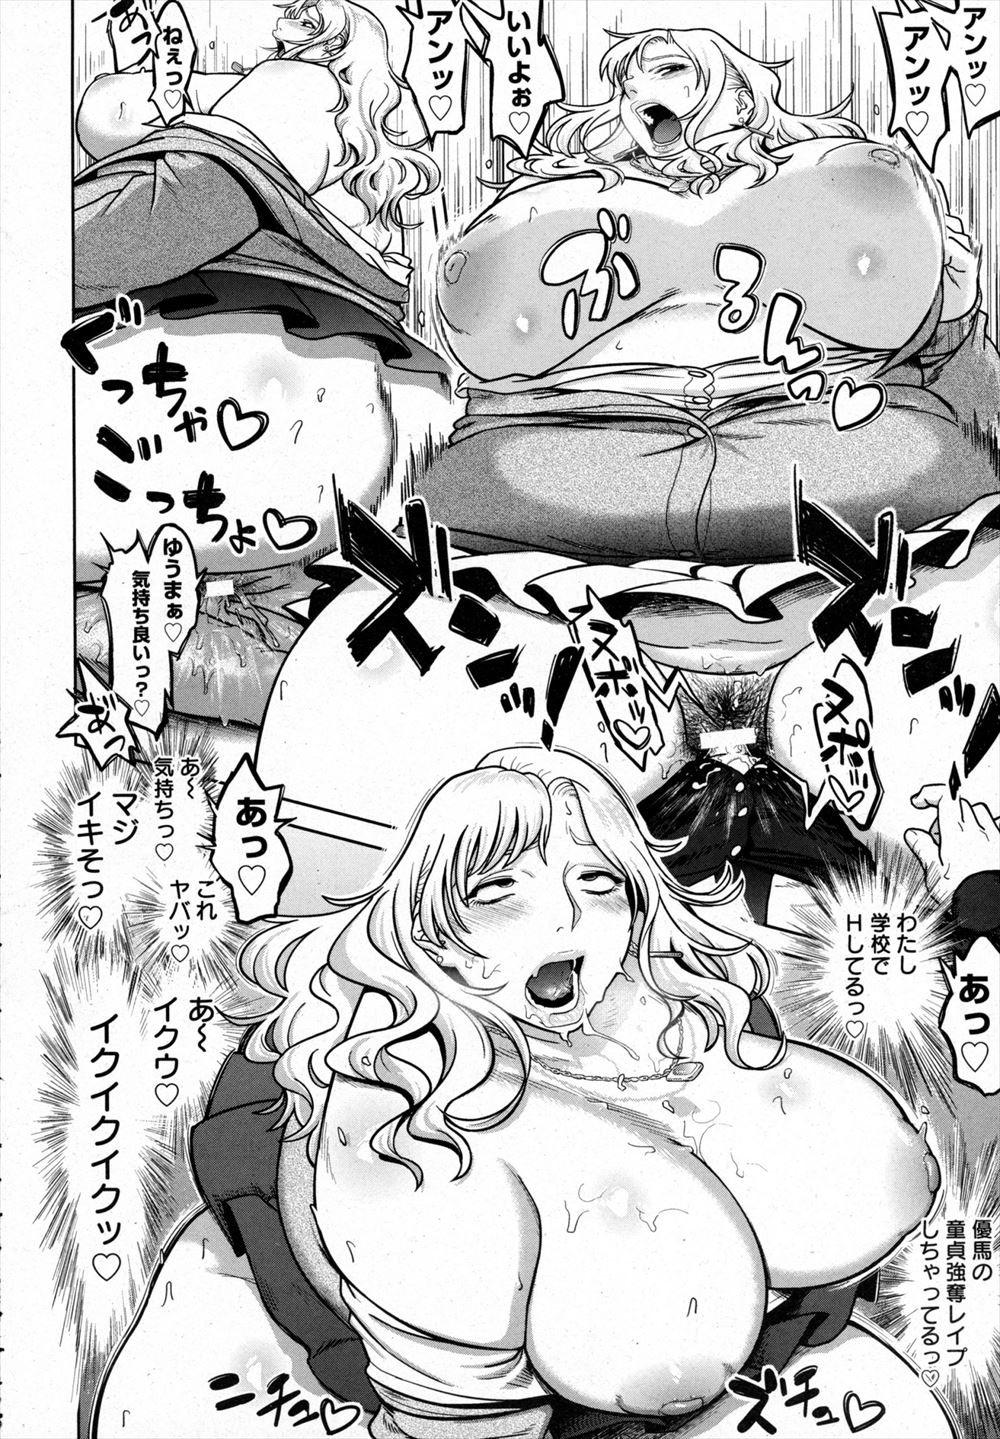 超おデブな女子校生達が男子を逆レイプでNTR青姦セックスしてるデブ専エロ漫画はこちらですwwwwwwwww 012